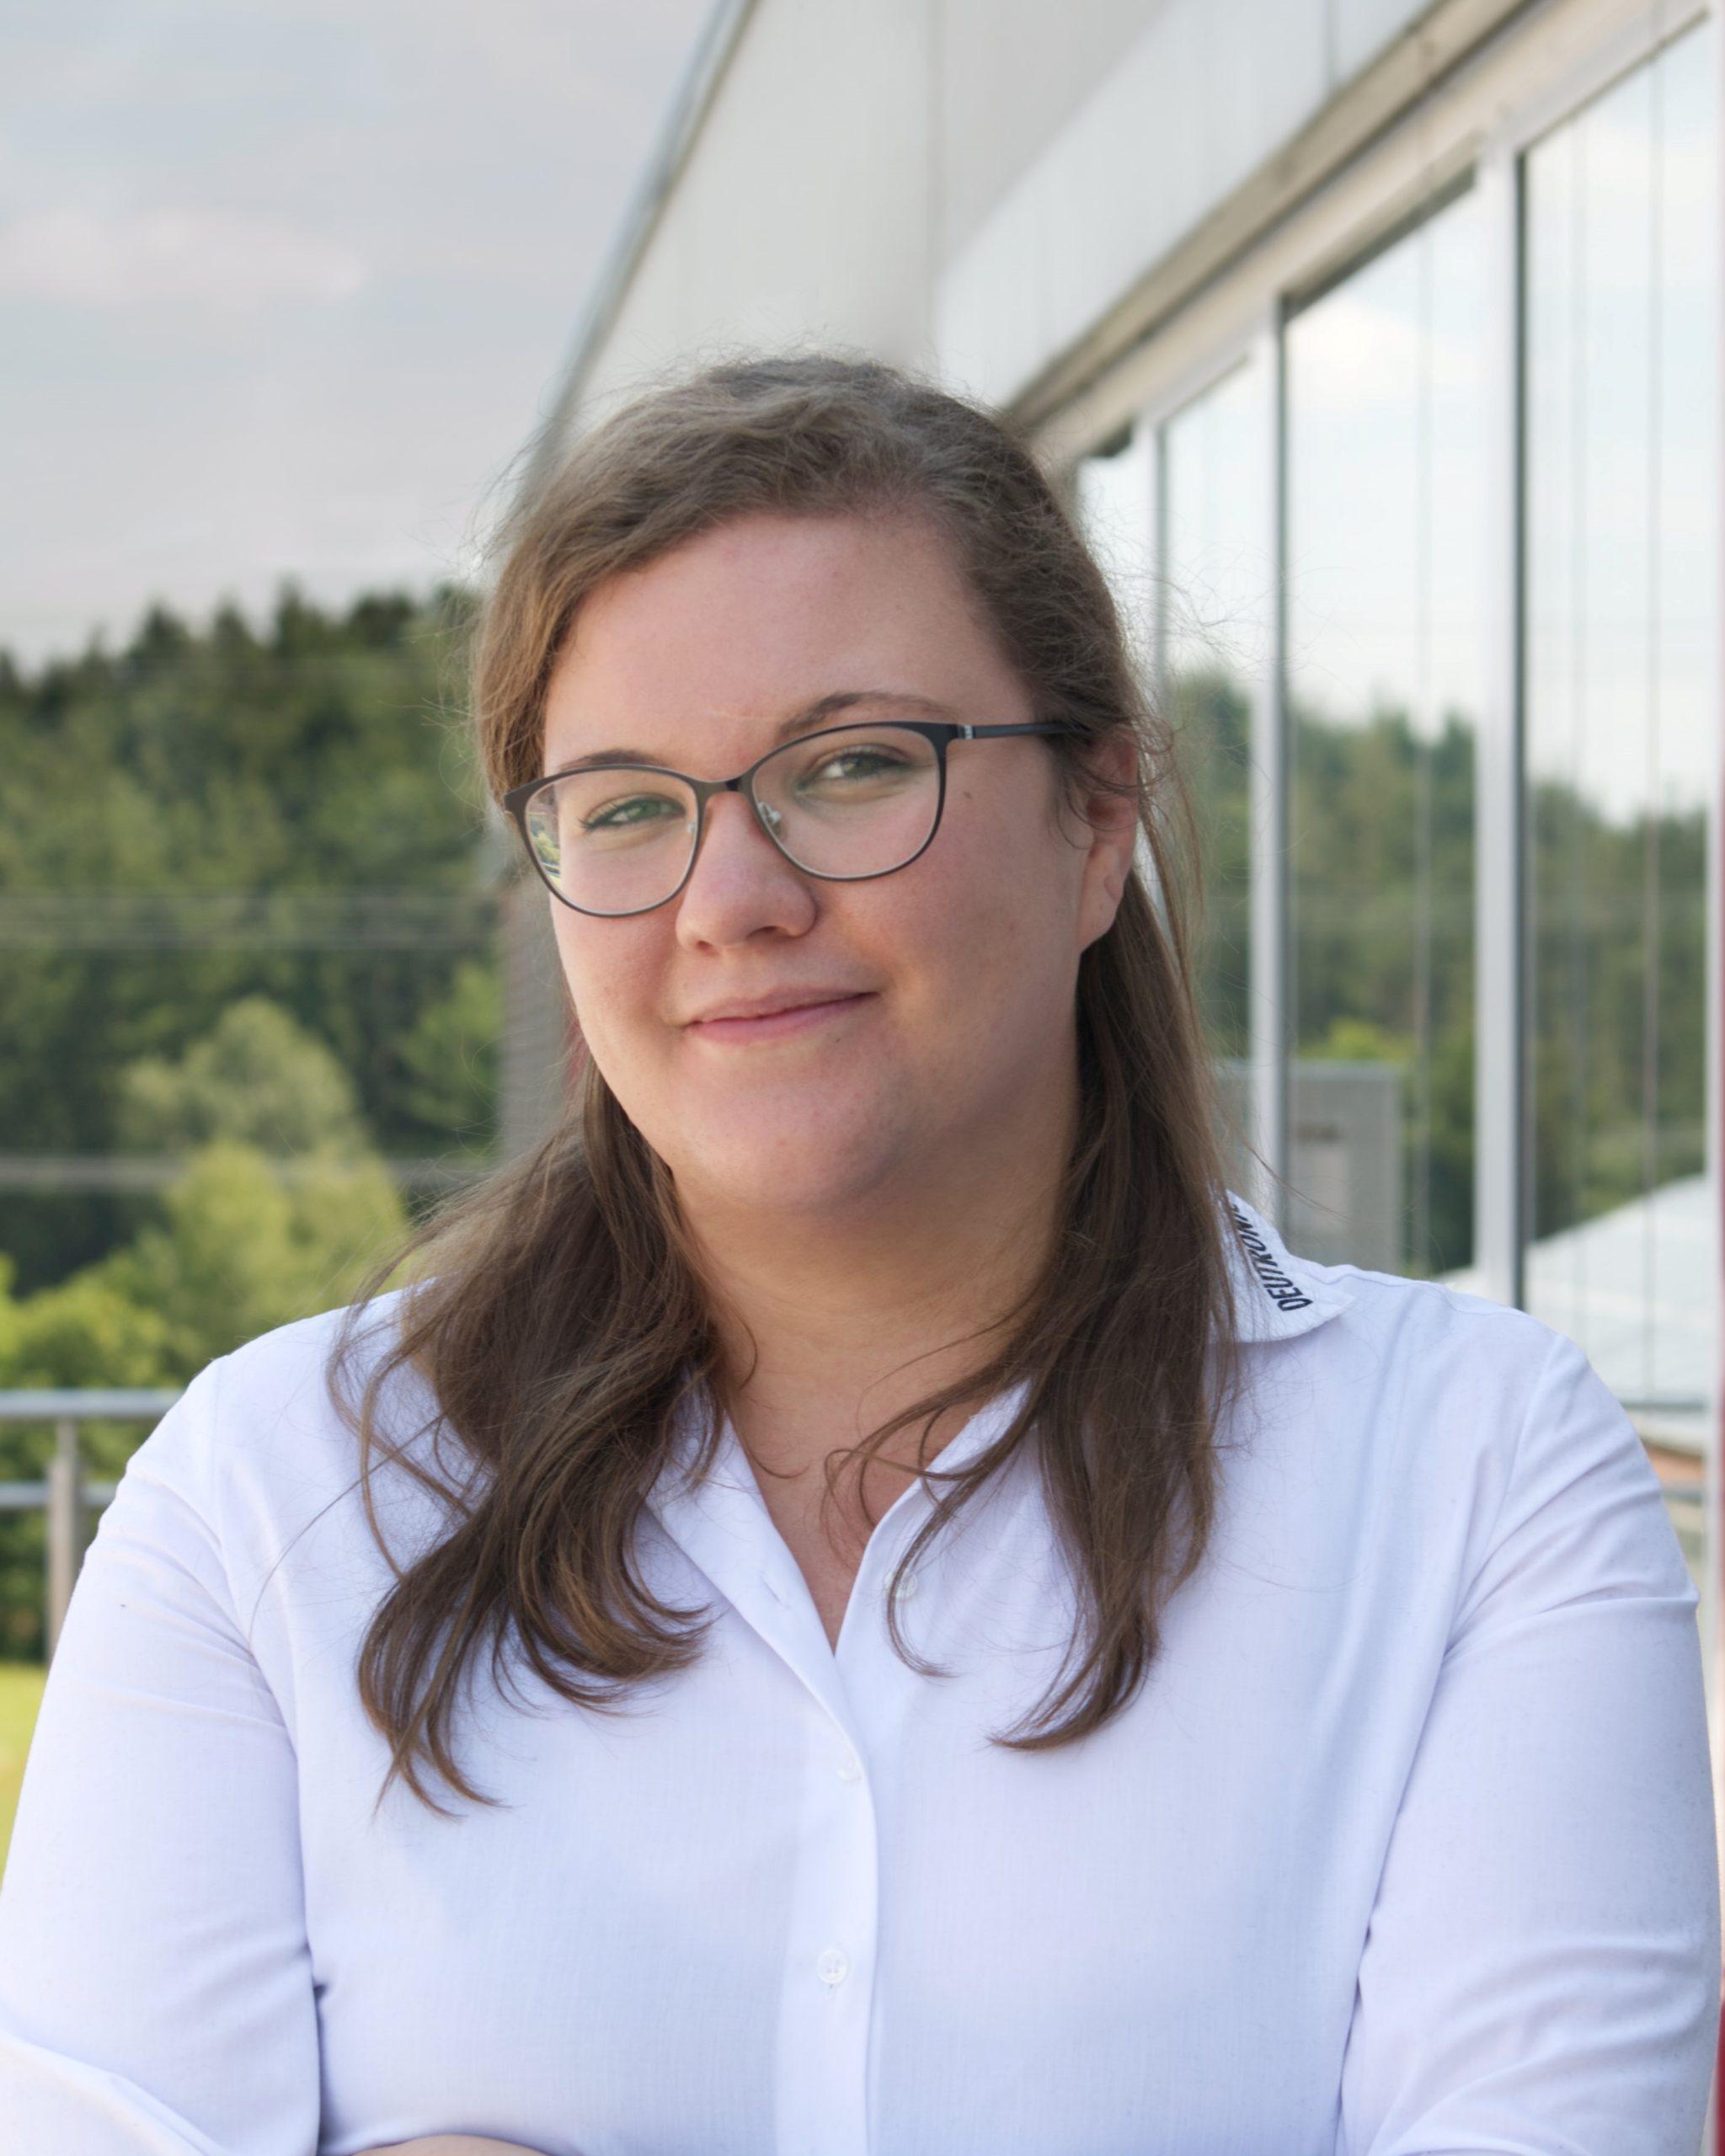 Eva Bader